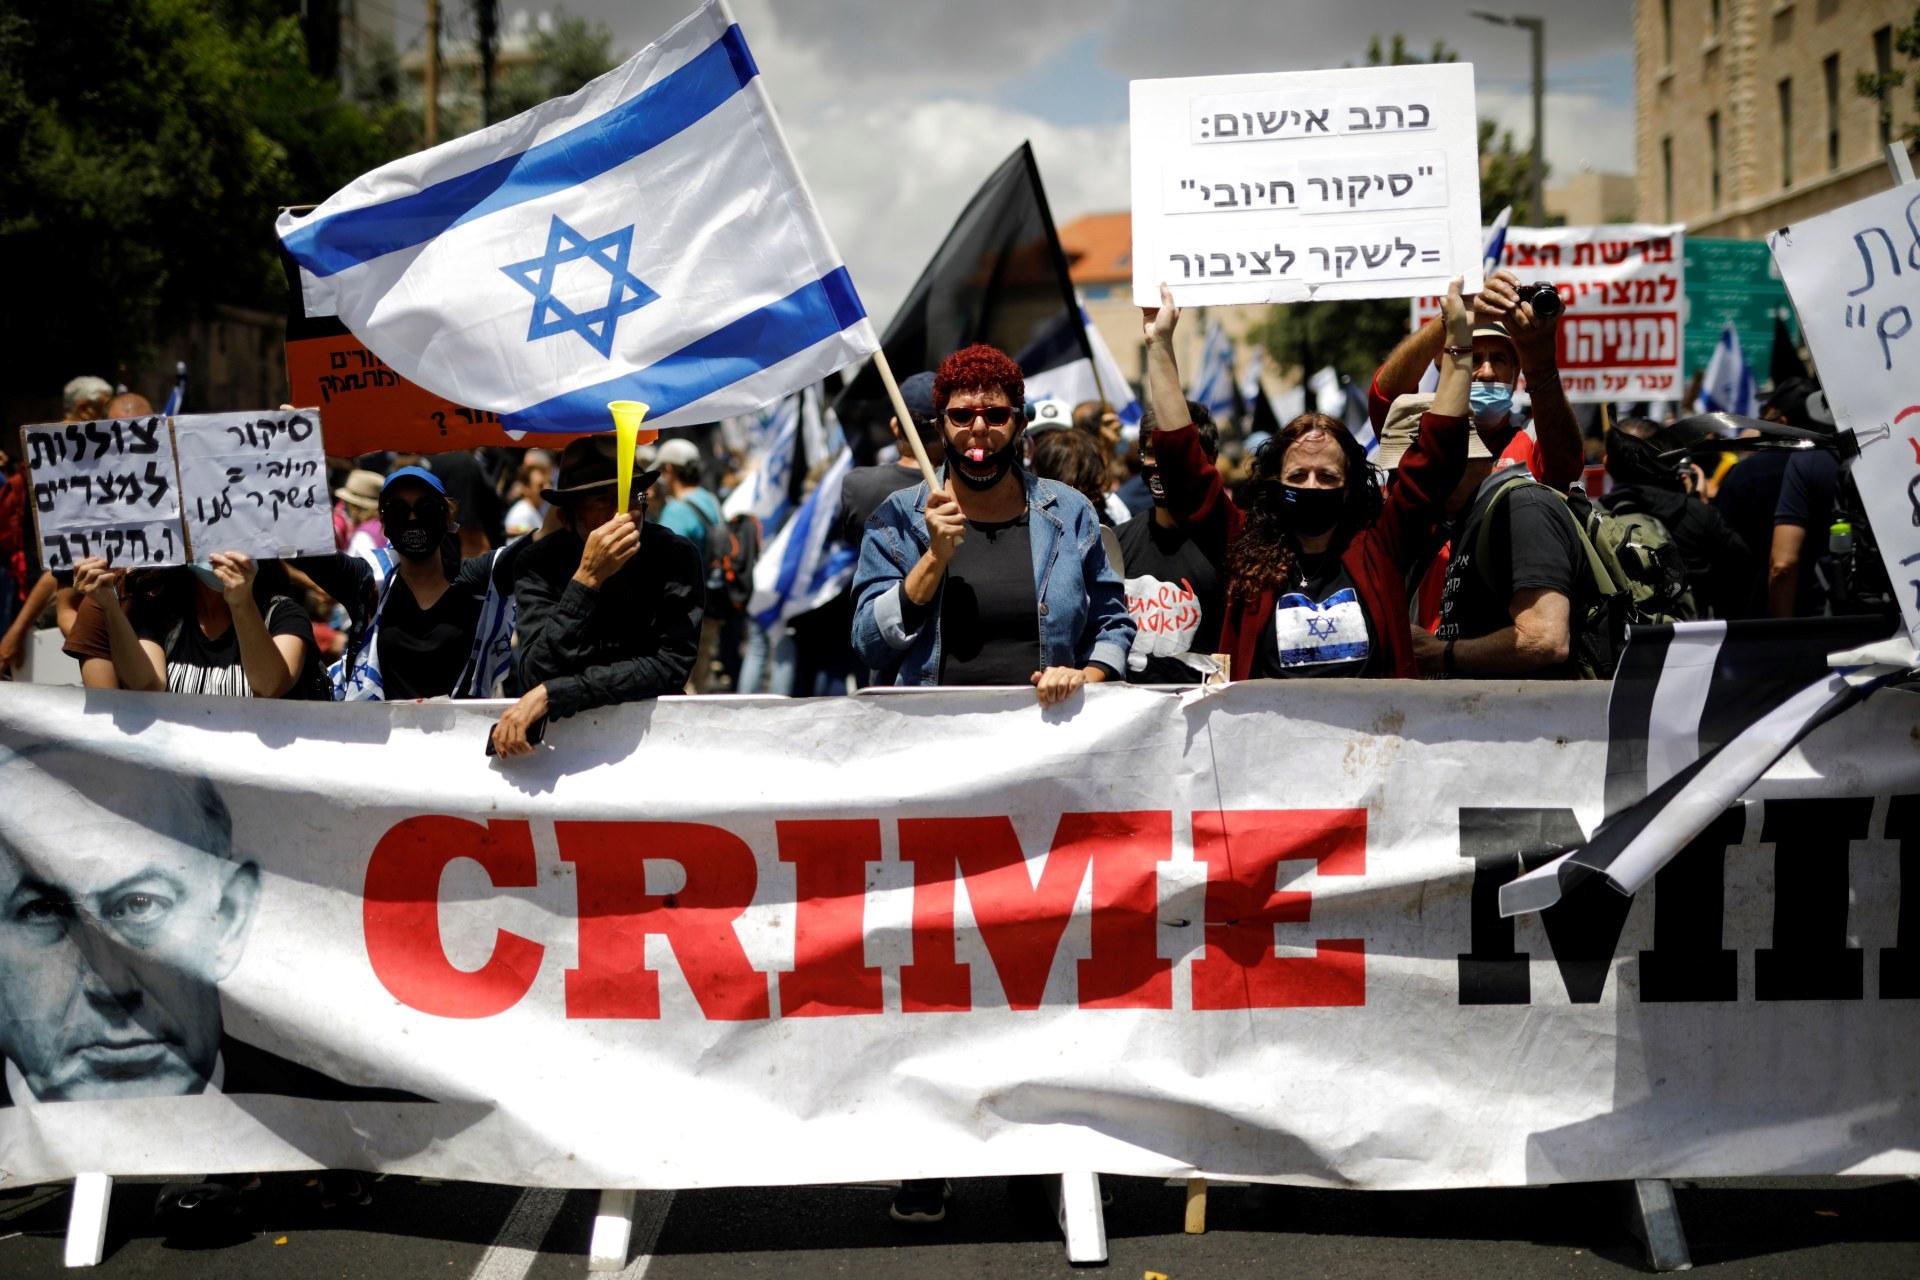 Les manifestants agitent un drapeau israélien et tiennent des pancartes alors qu'ils se tiennent derrière une bannière,